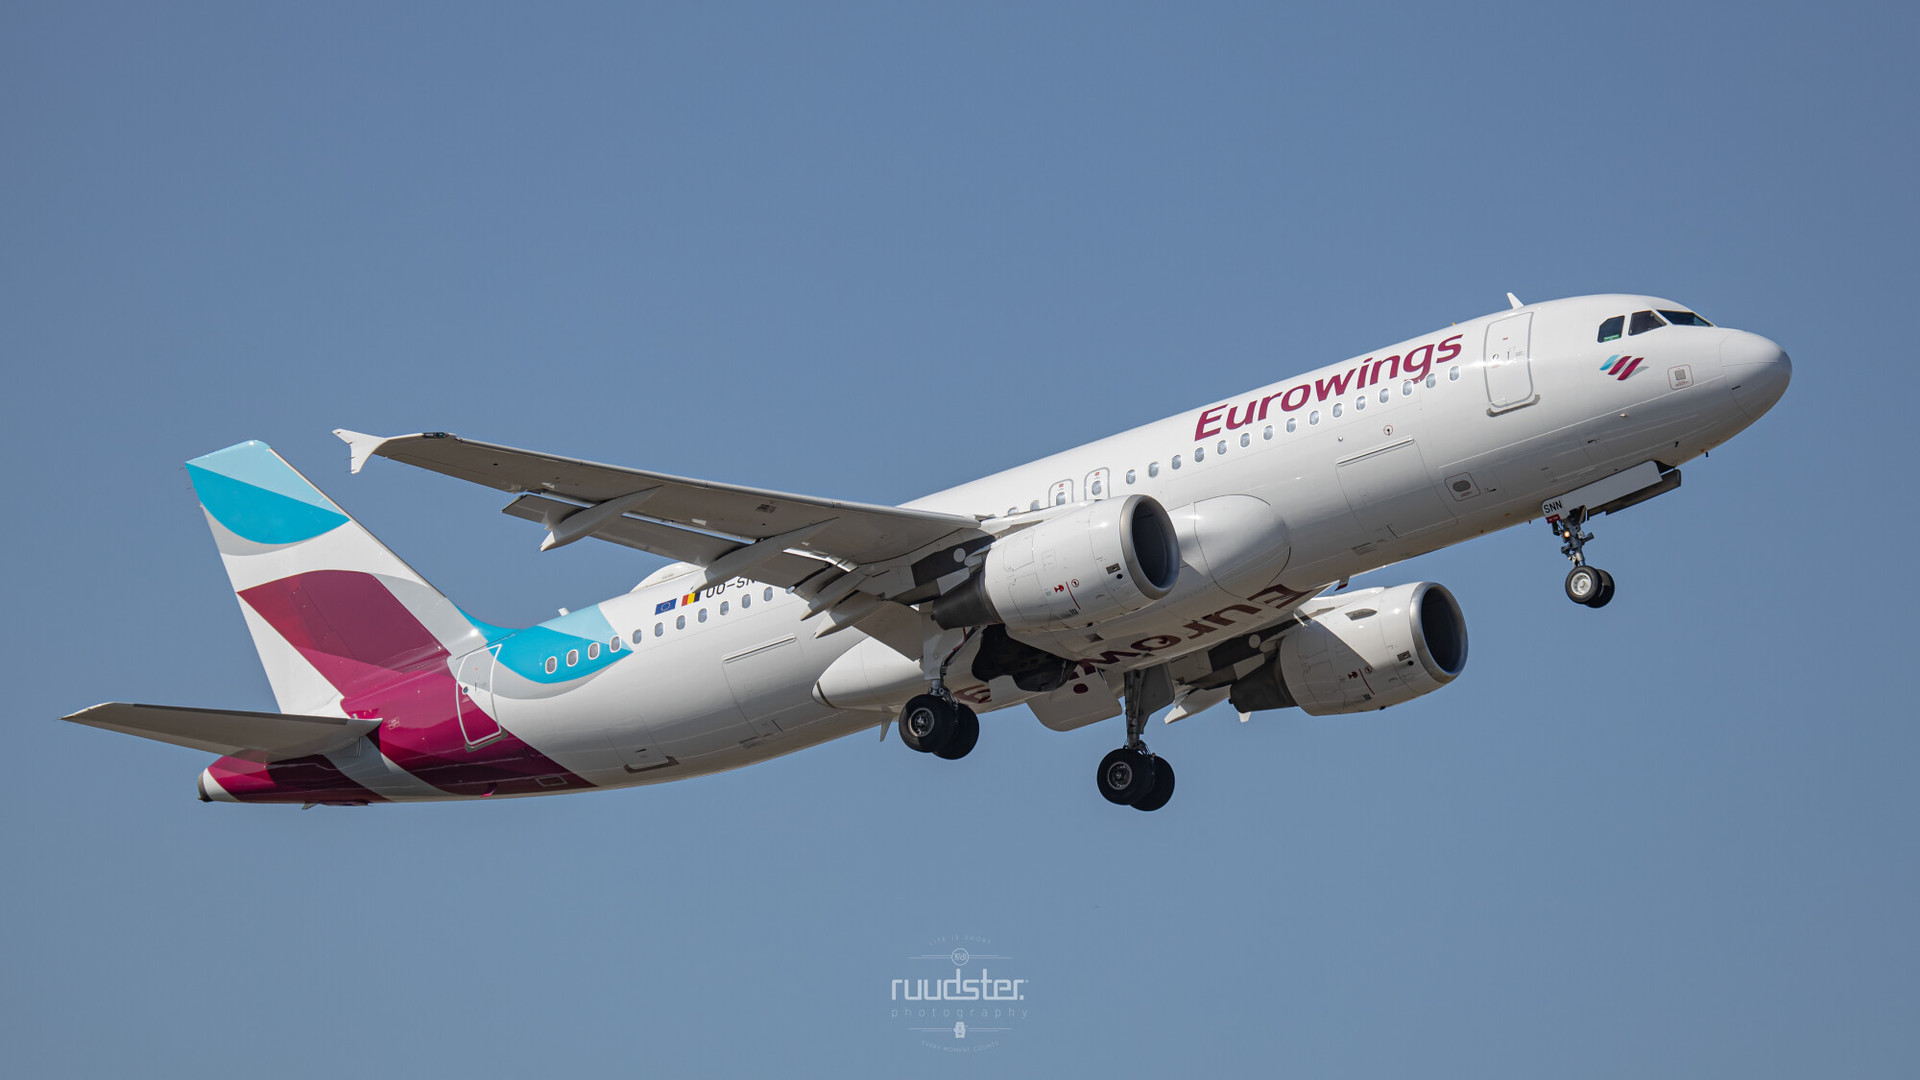 OO-SNN | Build: 2010 - Airbus A320-214